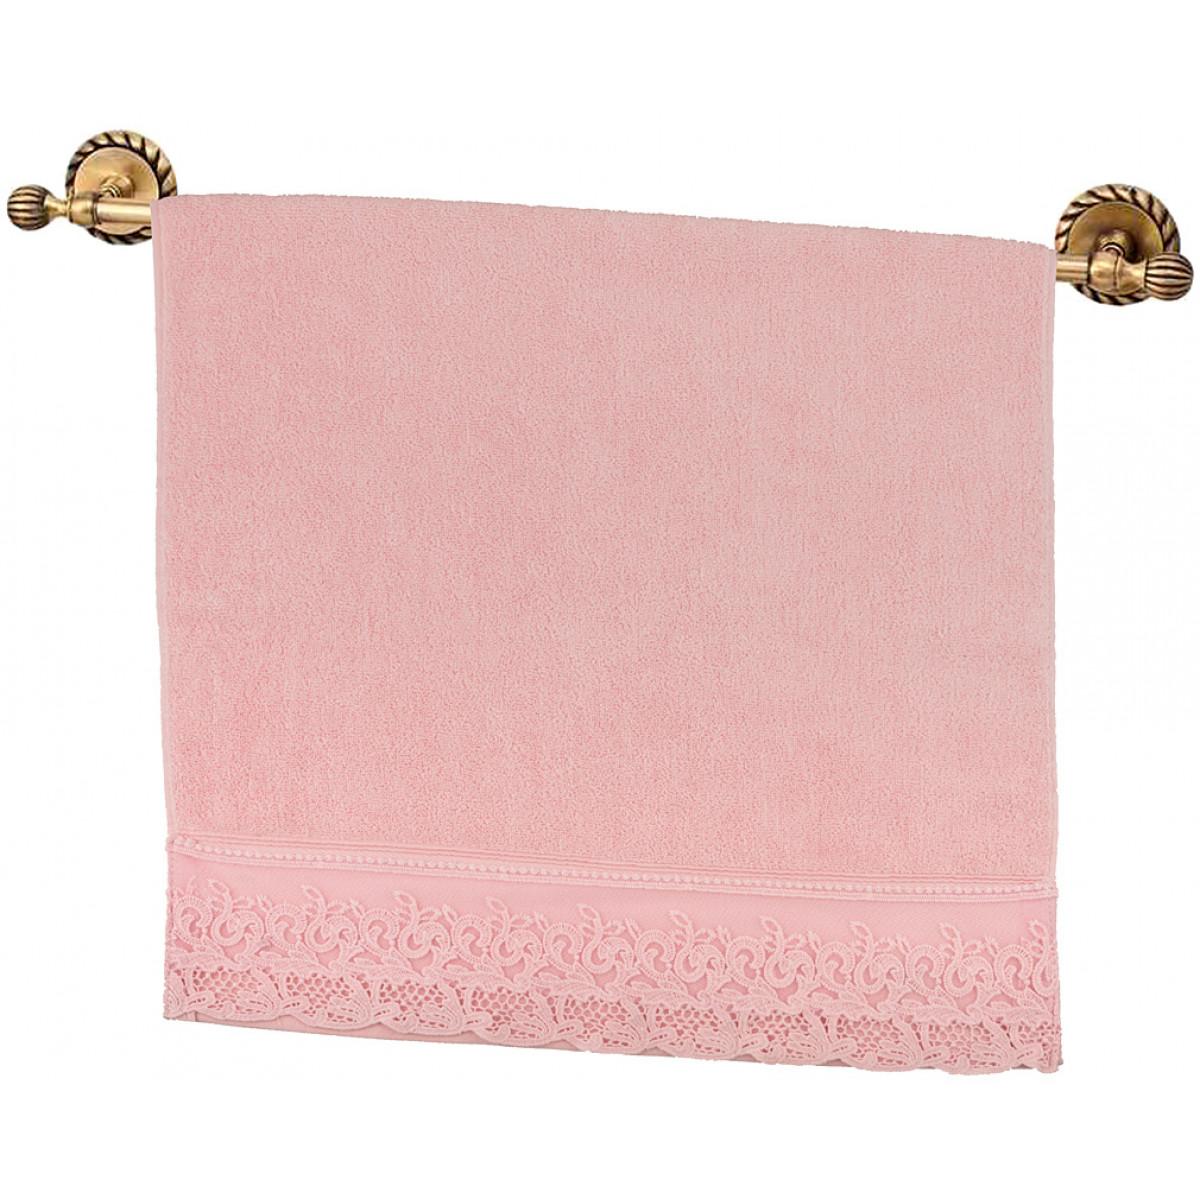 Полотенца Santalino Полотенце Dave  (50х90 см) полотенце денастия полотенце денастия 50х90 см хлопок